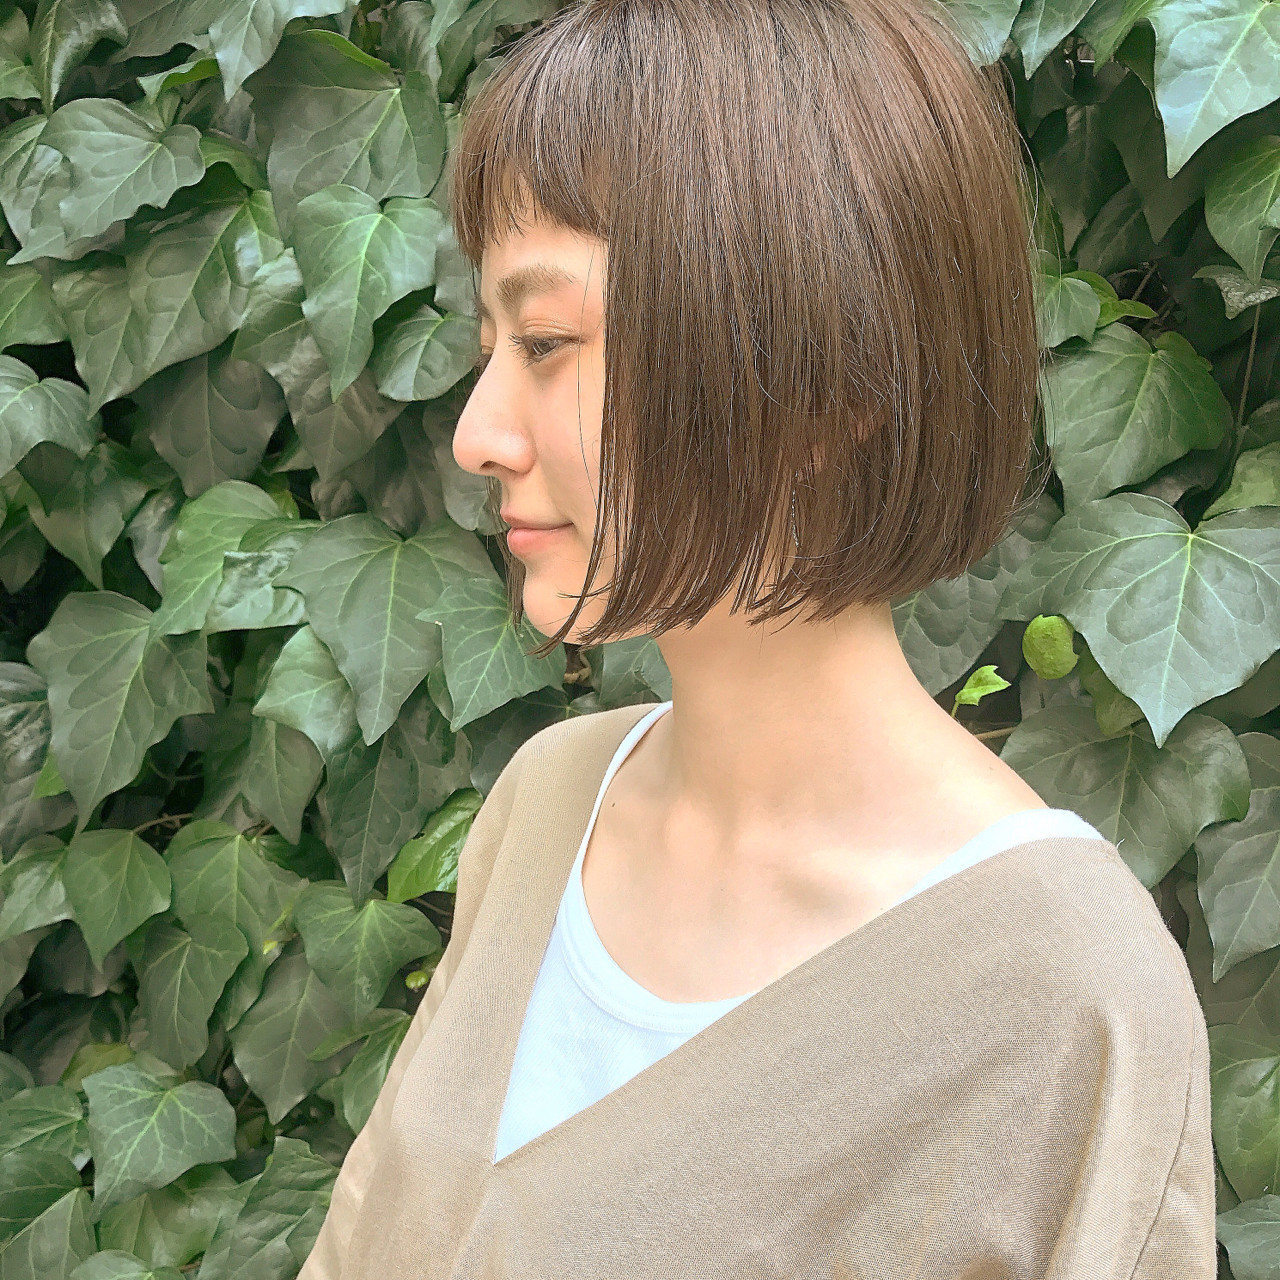 なりたいイメージ別!【オン眉×ショートボブ】のヘアカタログ♪の8枚目の画像